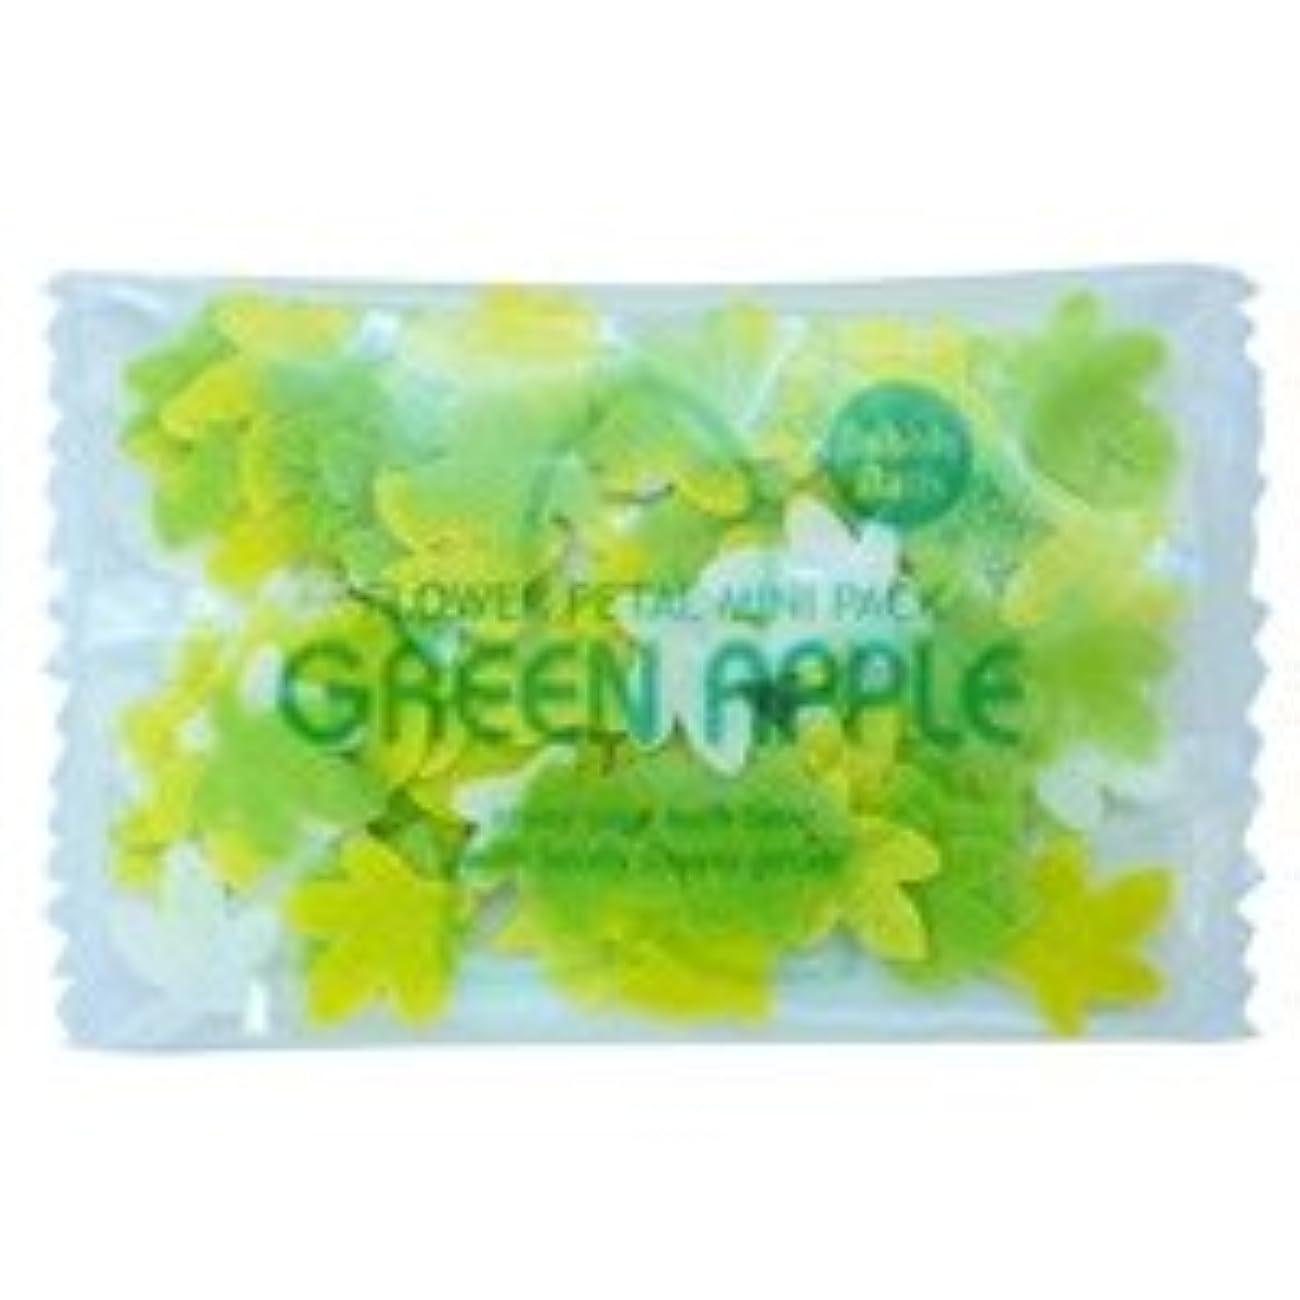 仕様正義量フラワーペタル バブルバス ミニパック「グリーンアップル」20個セット ストレスから解放されたい日に疲れた心を解きほぐしてくれるフレッシュなグリーンアップルの香り